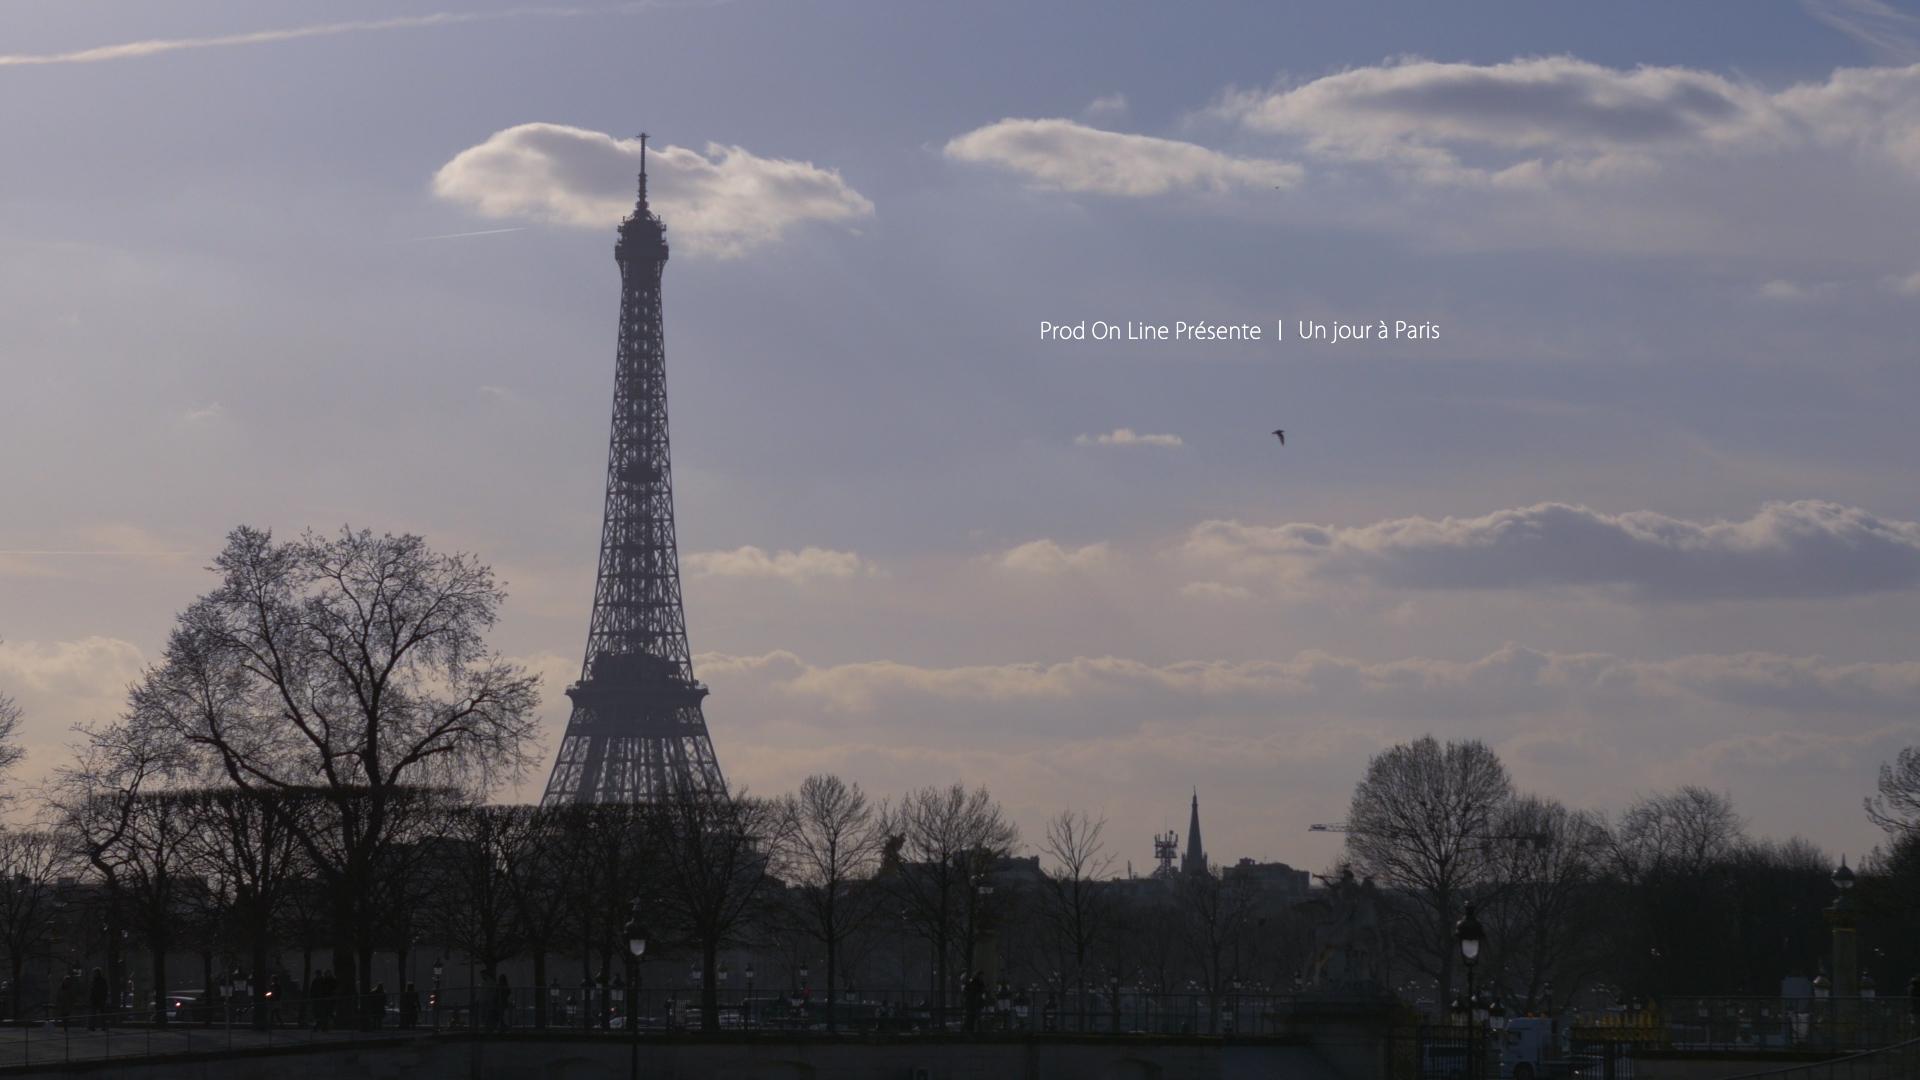 Une demi journée, Paris, un GH4… Une vidéo !